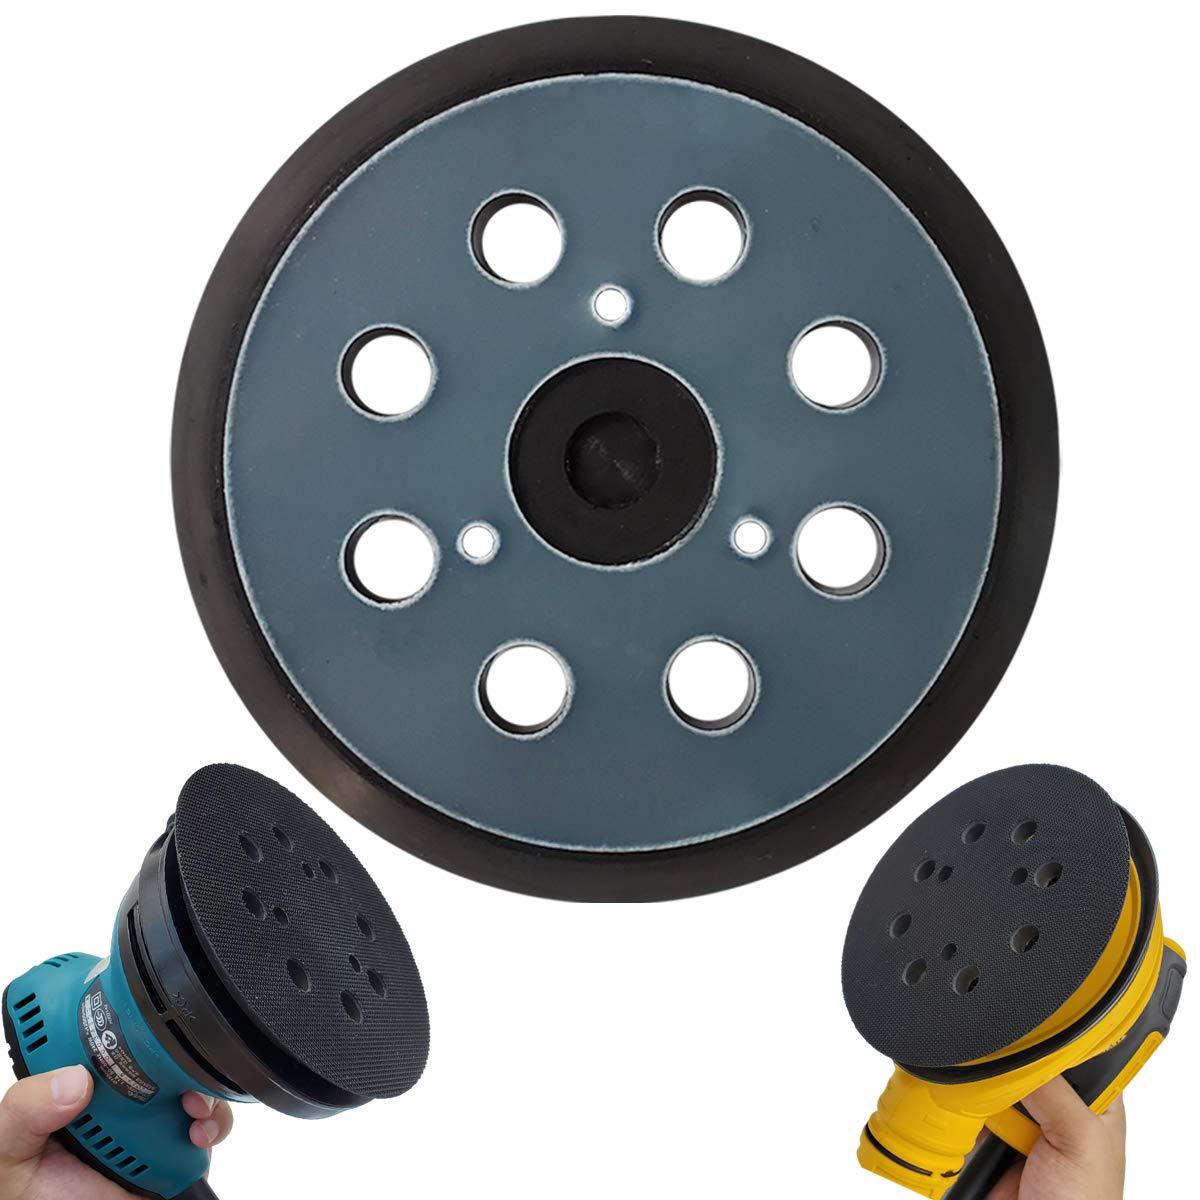 """5"""" Hook & Loop Replacement Sander Pad for DeWalt & Makita - Fit DW420/K, DW421/K, DW422/K, DW423/K, DW426/K, D26450, D26451/K, D26453/K, D26456, Makita BO5010/K, BO5030/K, BO5031/K, BO5041/K 61a6fHgVVNL"""